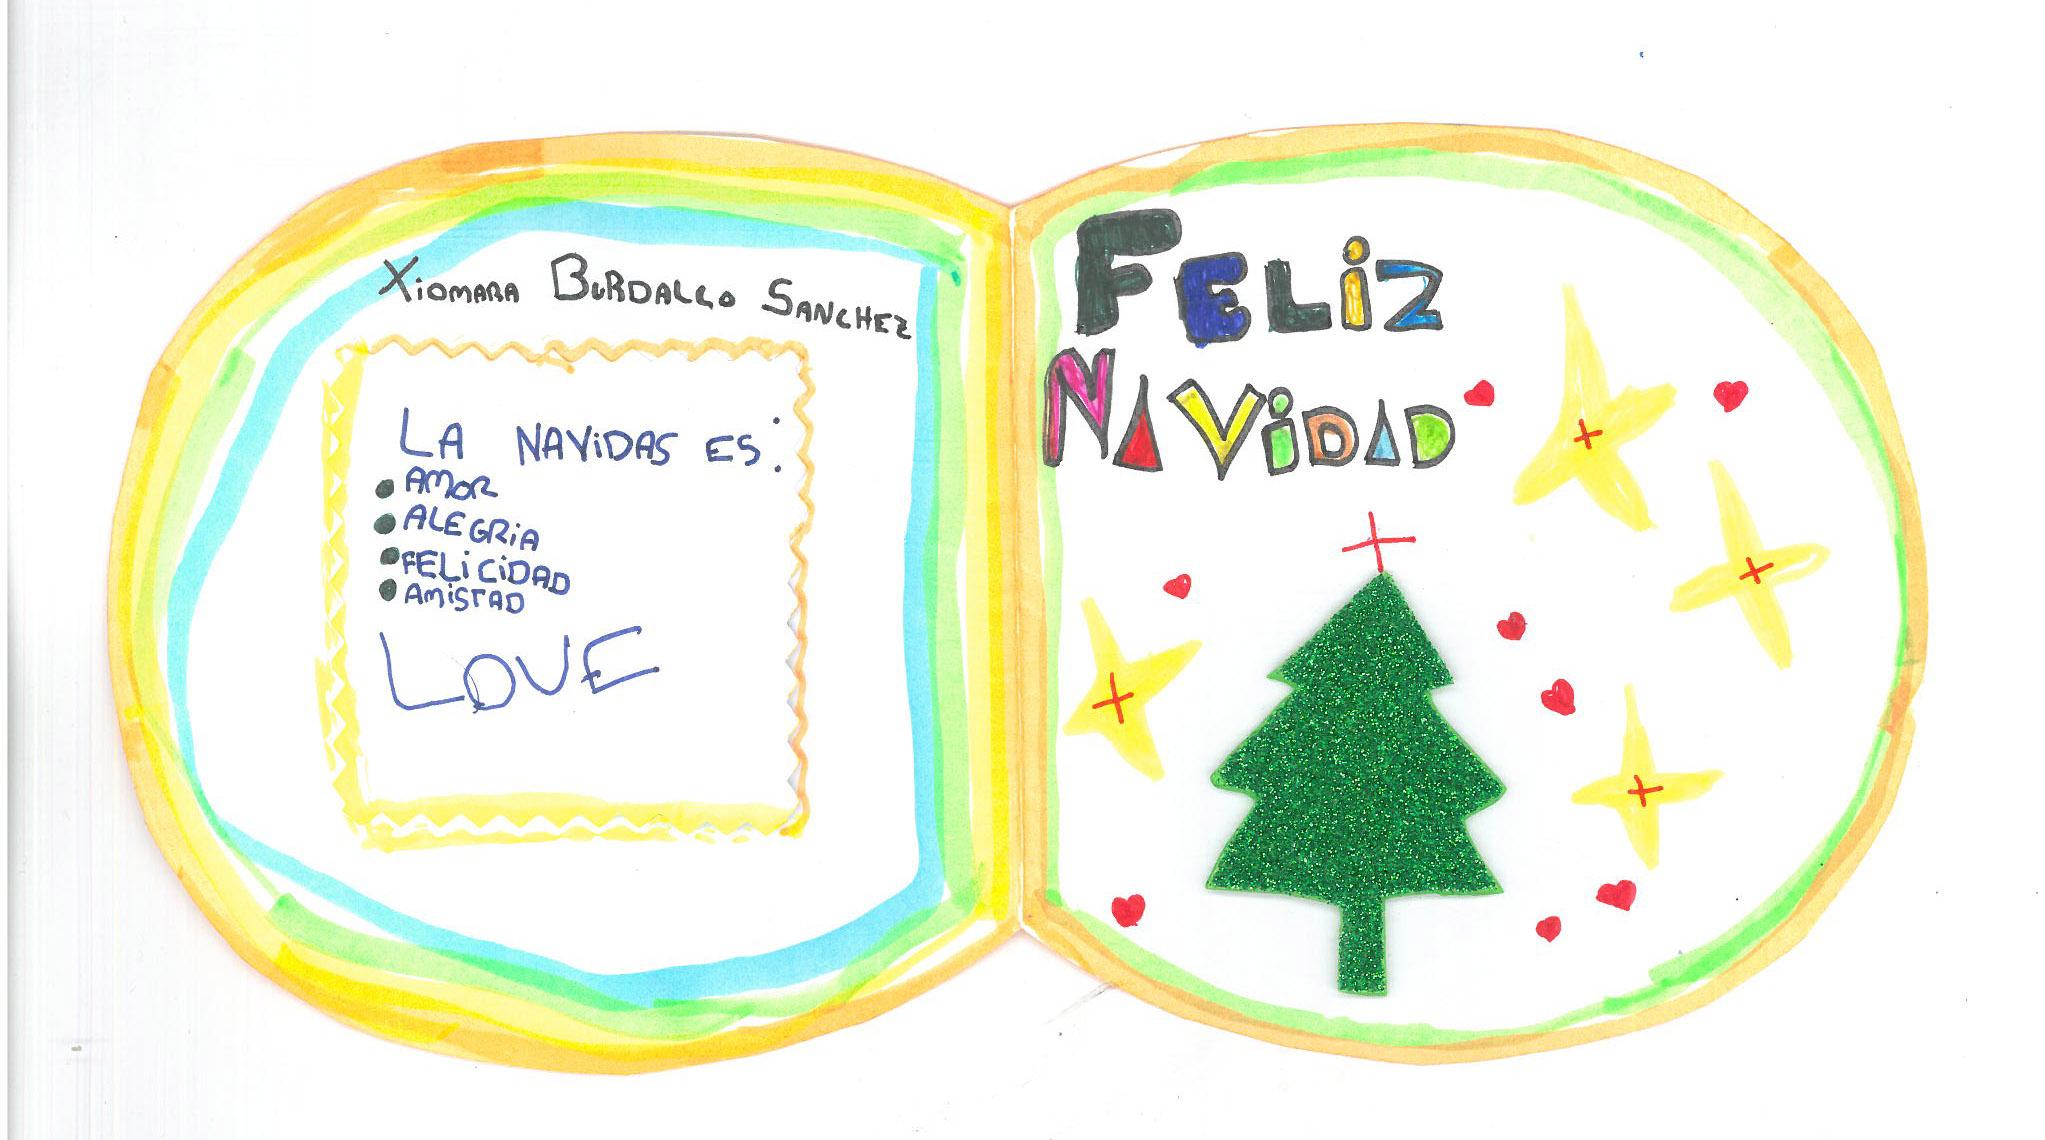 Xiomara Burdallo (9 años)